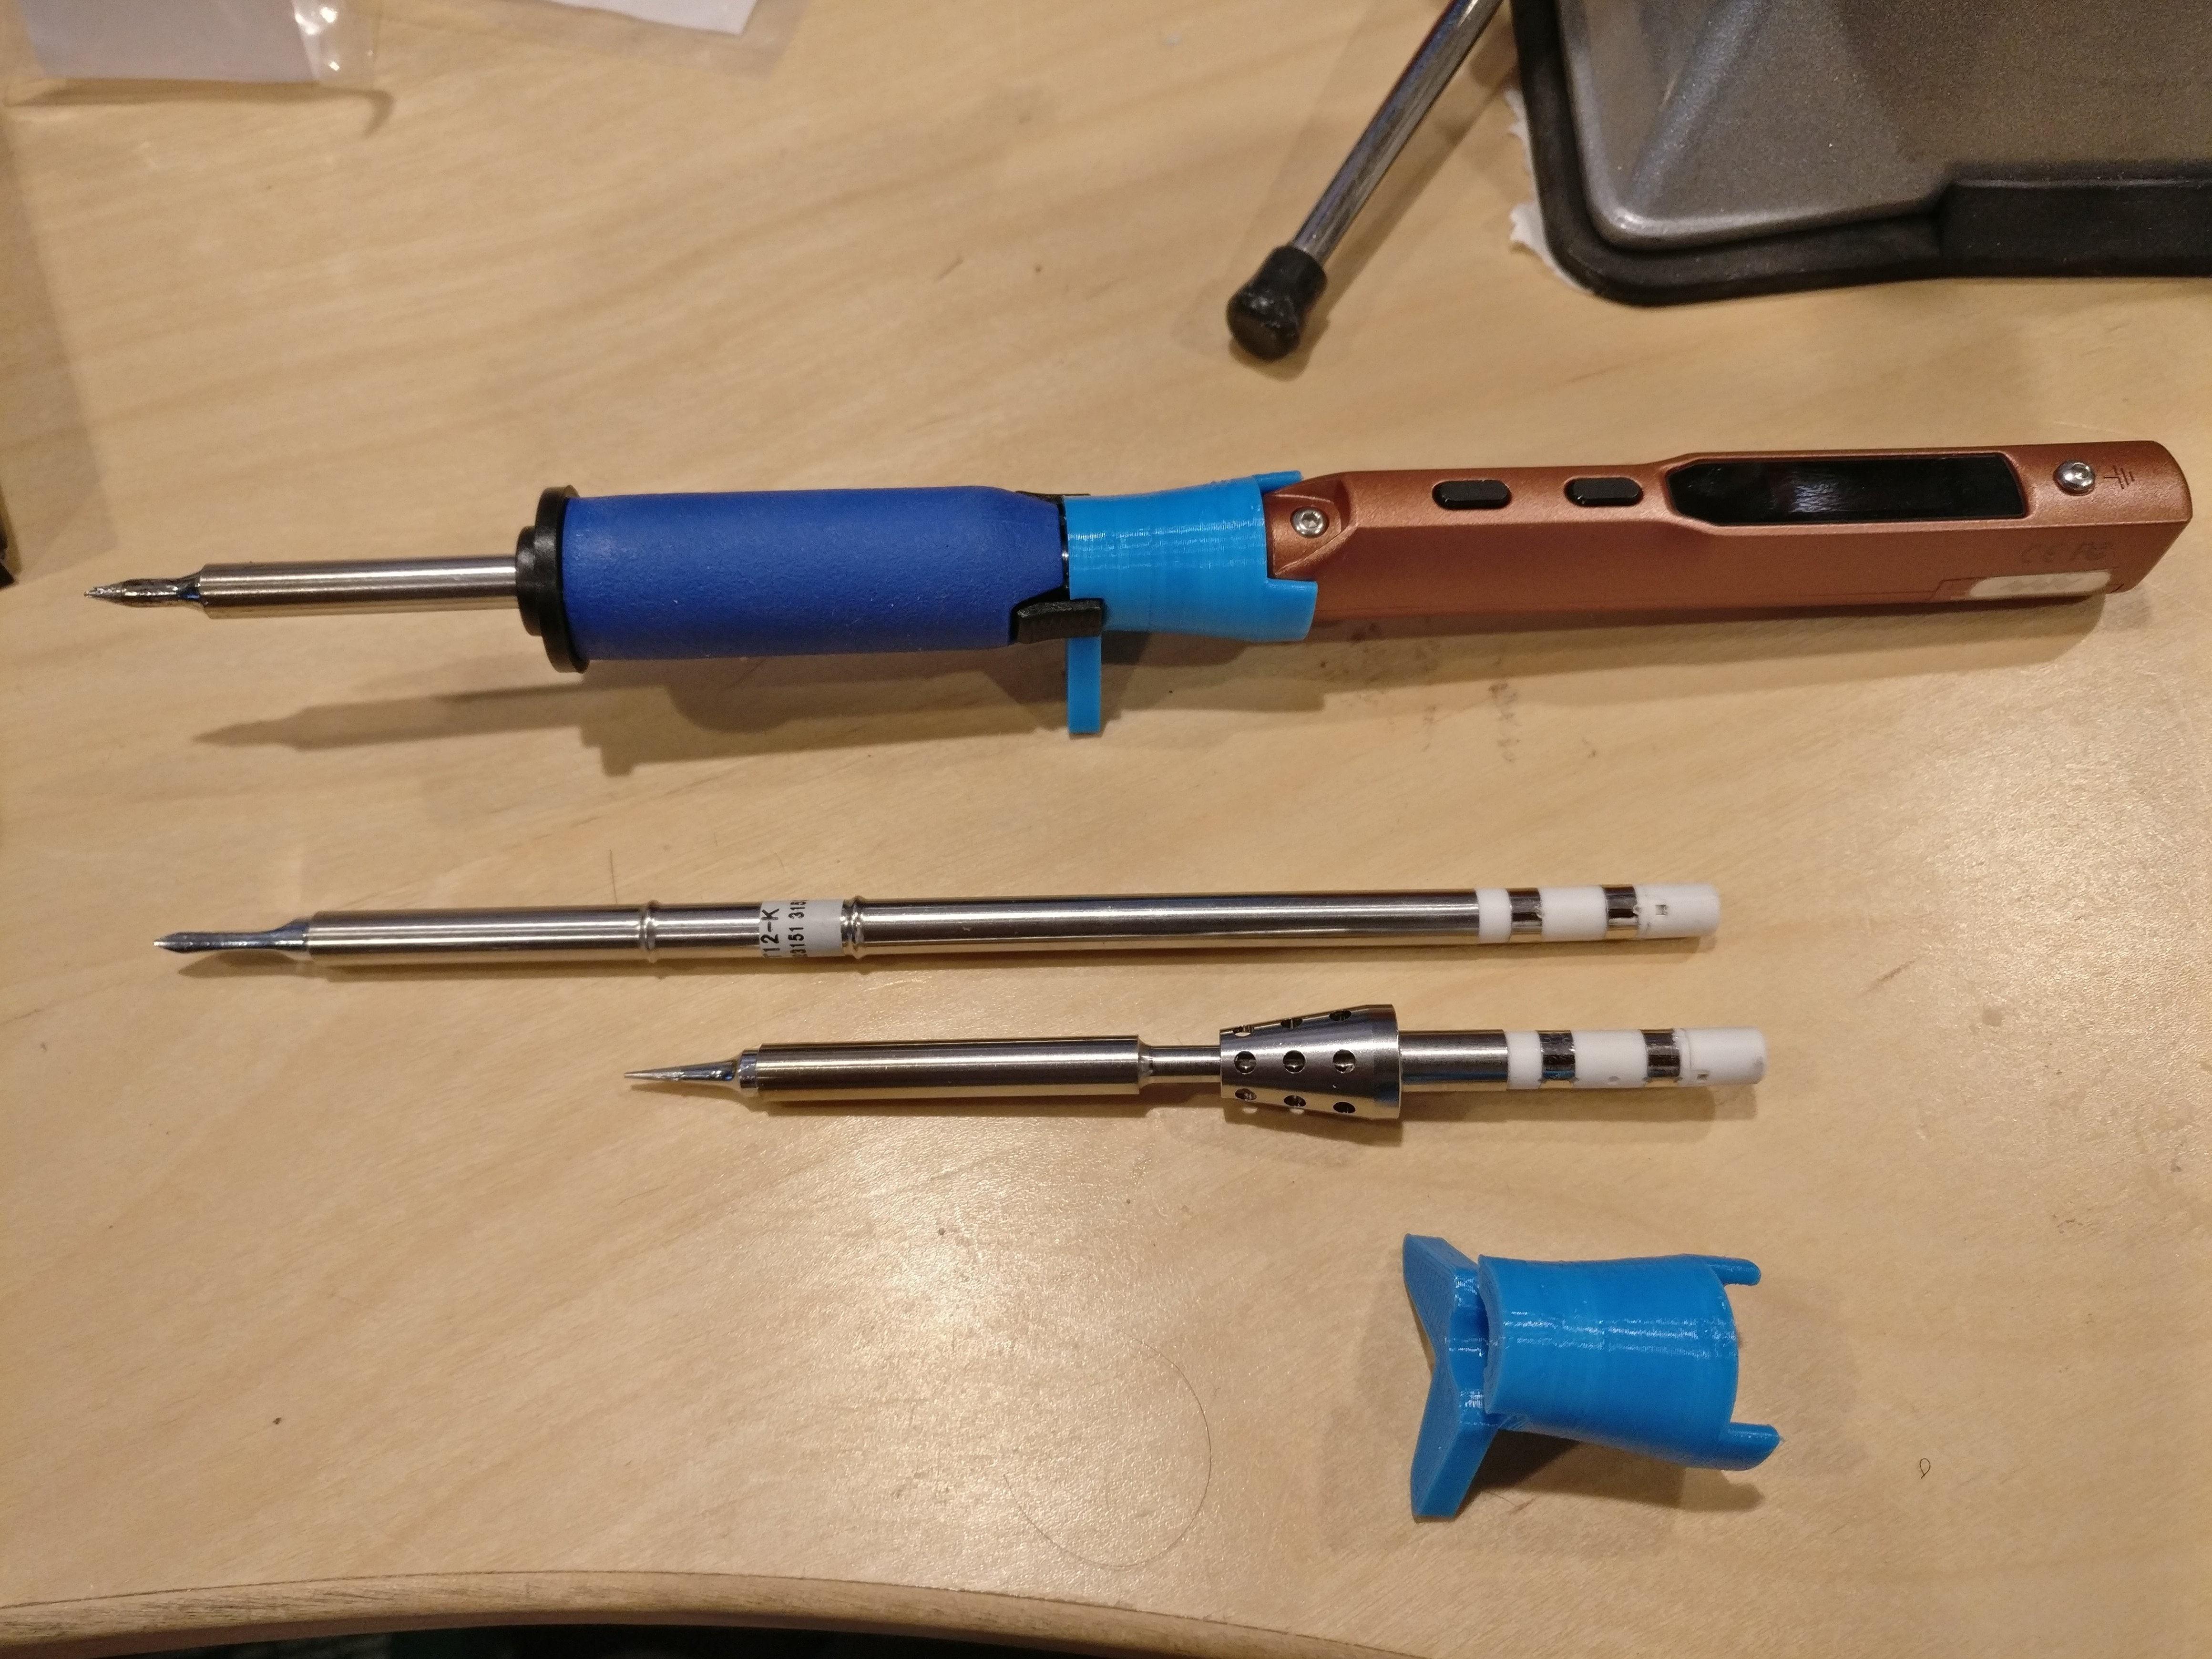 Hakko T12 soldering Tips Hakko T12 Adapter for the Ts100 soldering Iron by Snurkle Of Hakko T12 soldering Tips